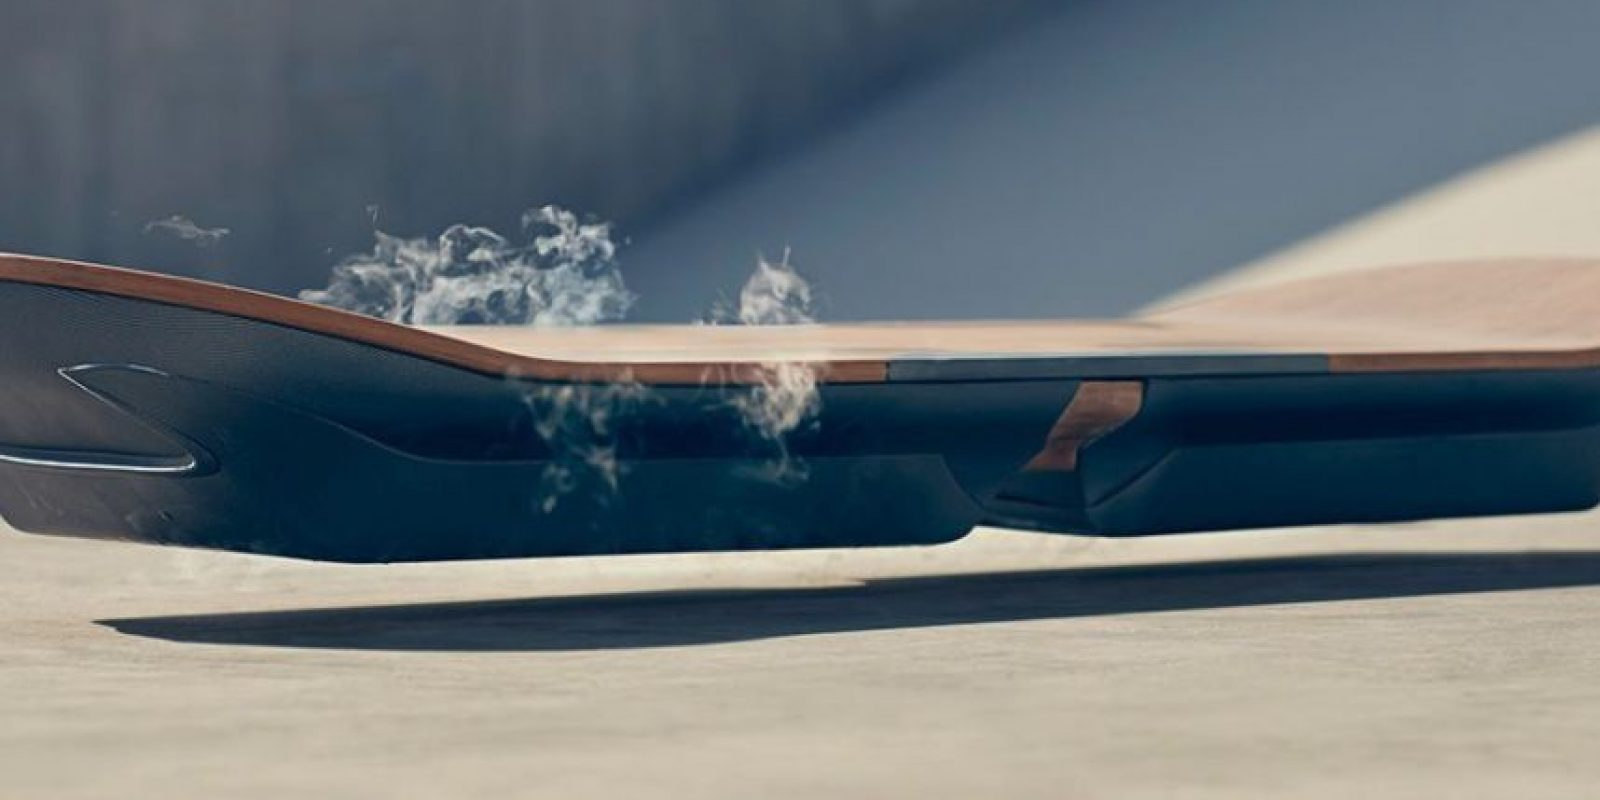 La compañía asegura que actualmente está siendo probada por un skater profesional en Barcelona Foto:Lexus